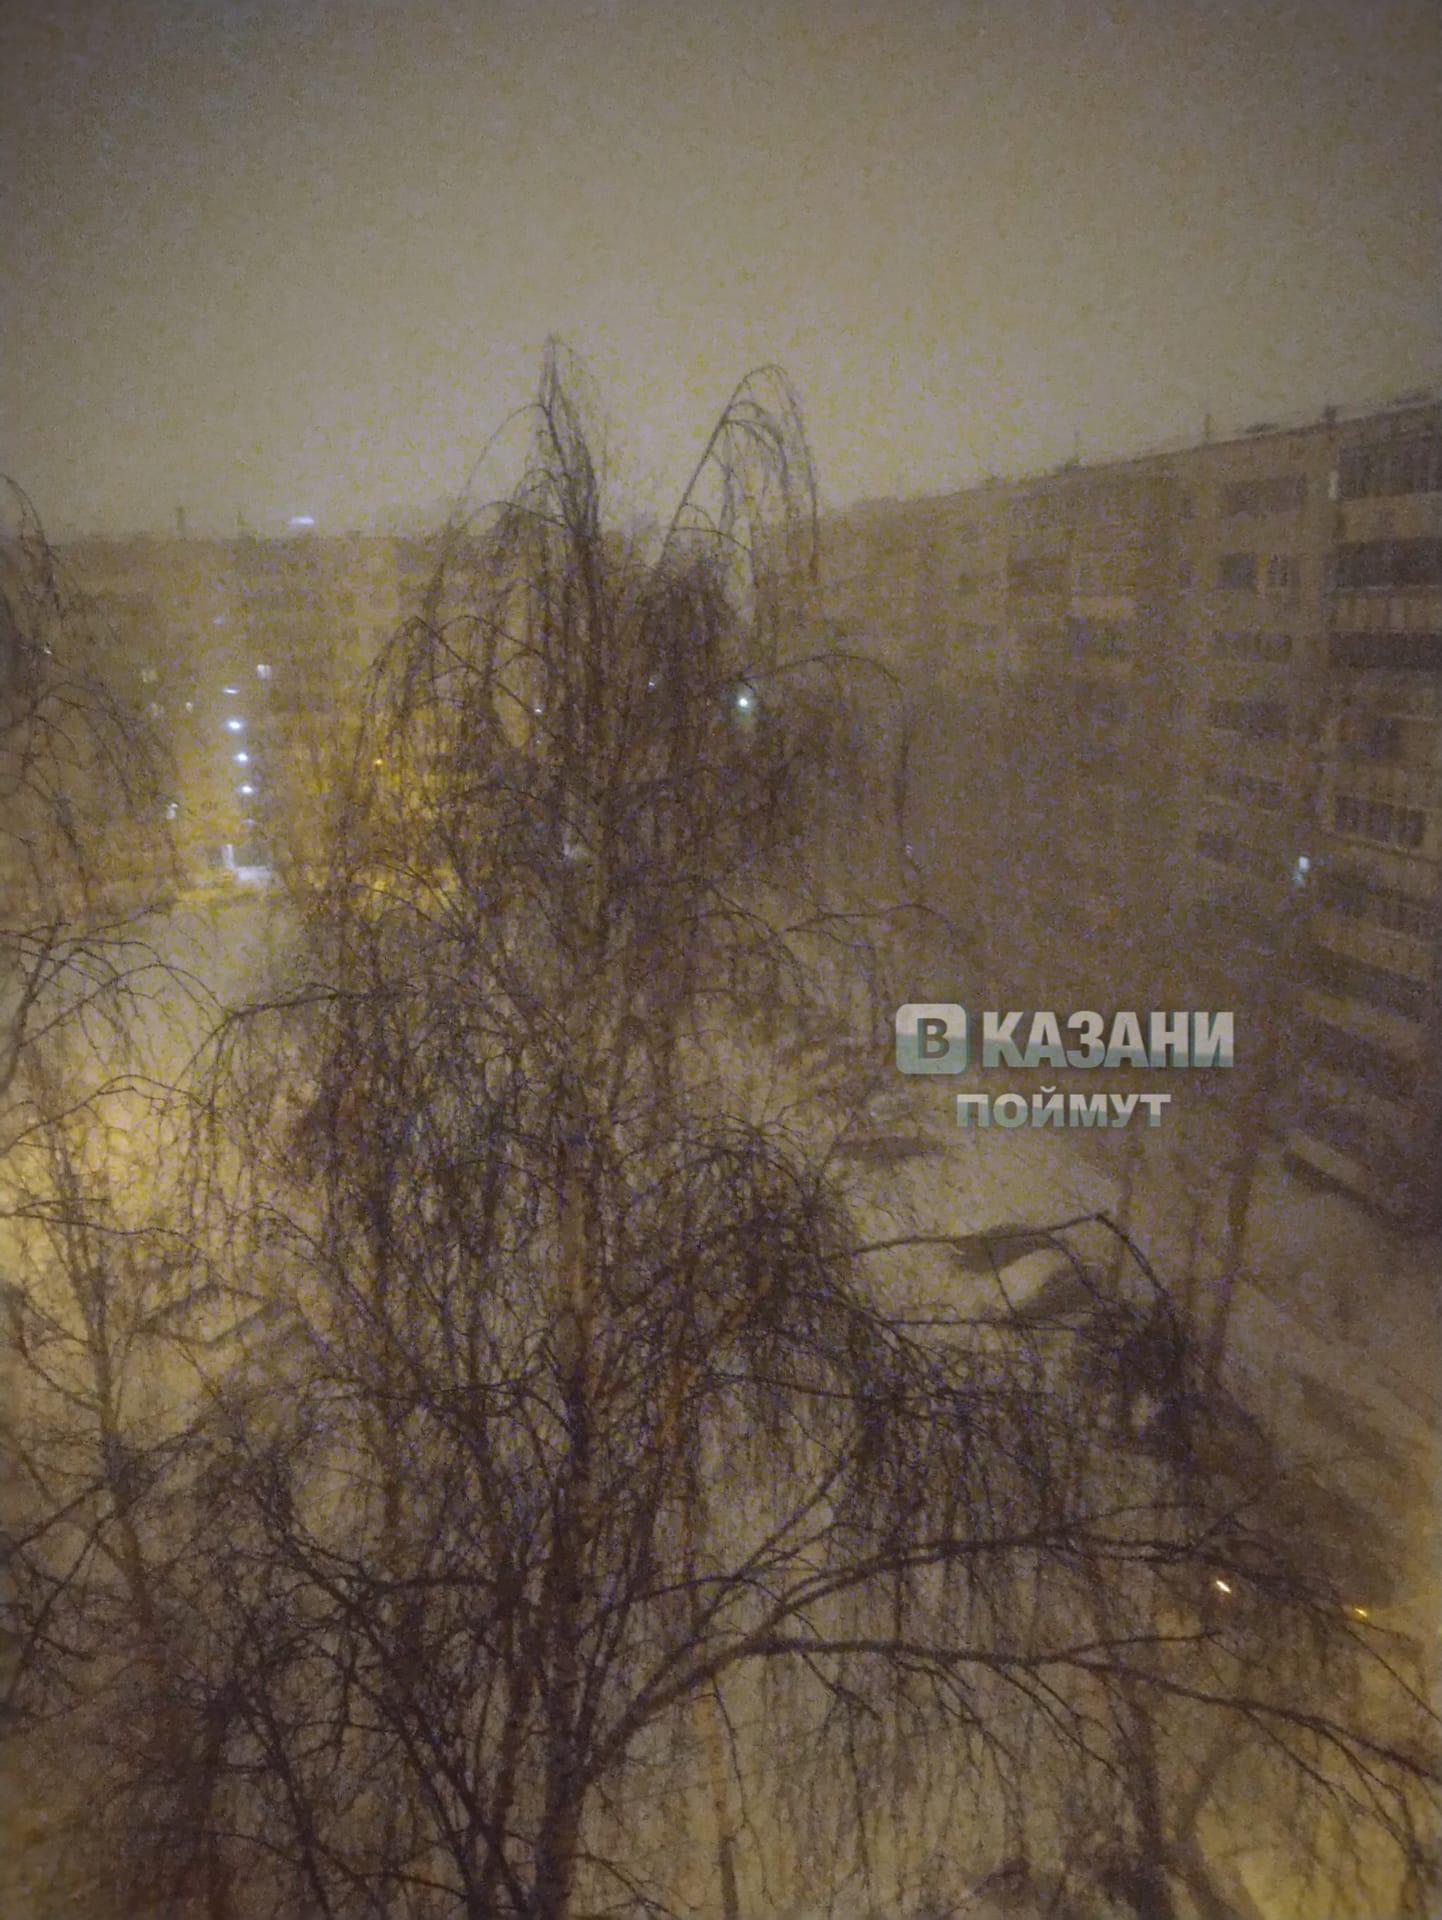 «В Казани опять зима наступила, все в снегу», - пишет Сергей Гаврилов, публикуя свой вид из окна.